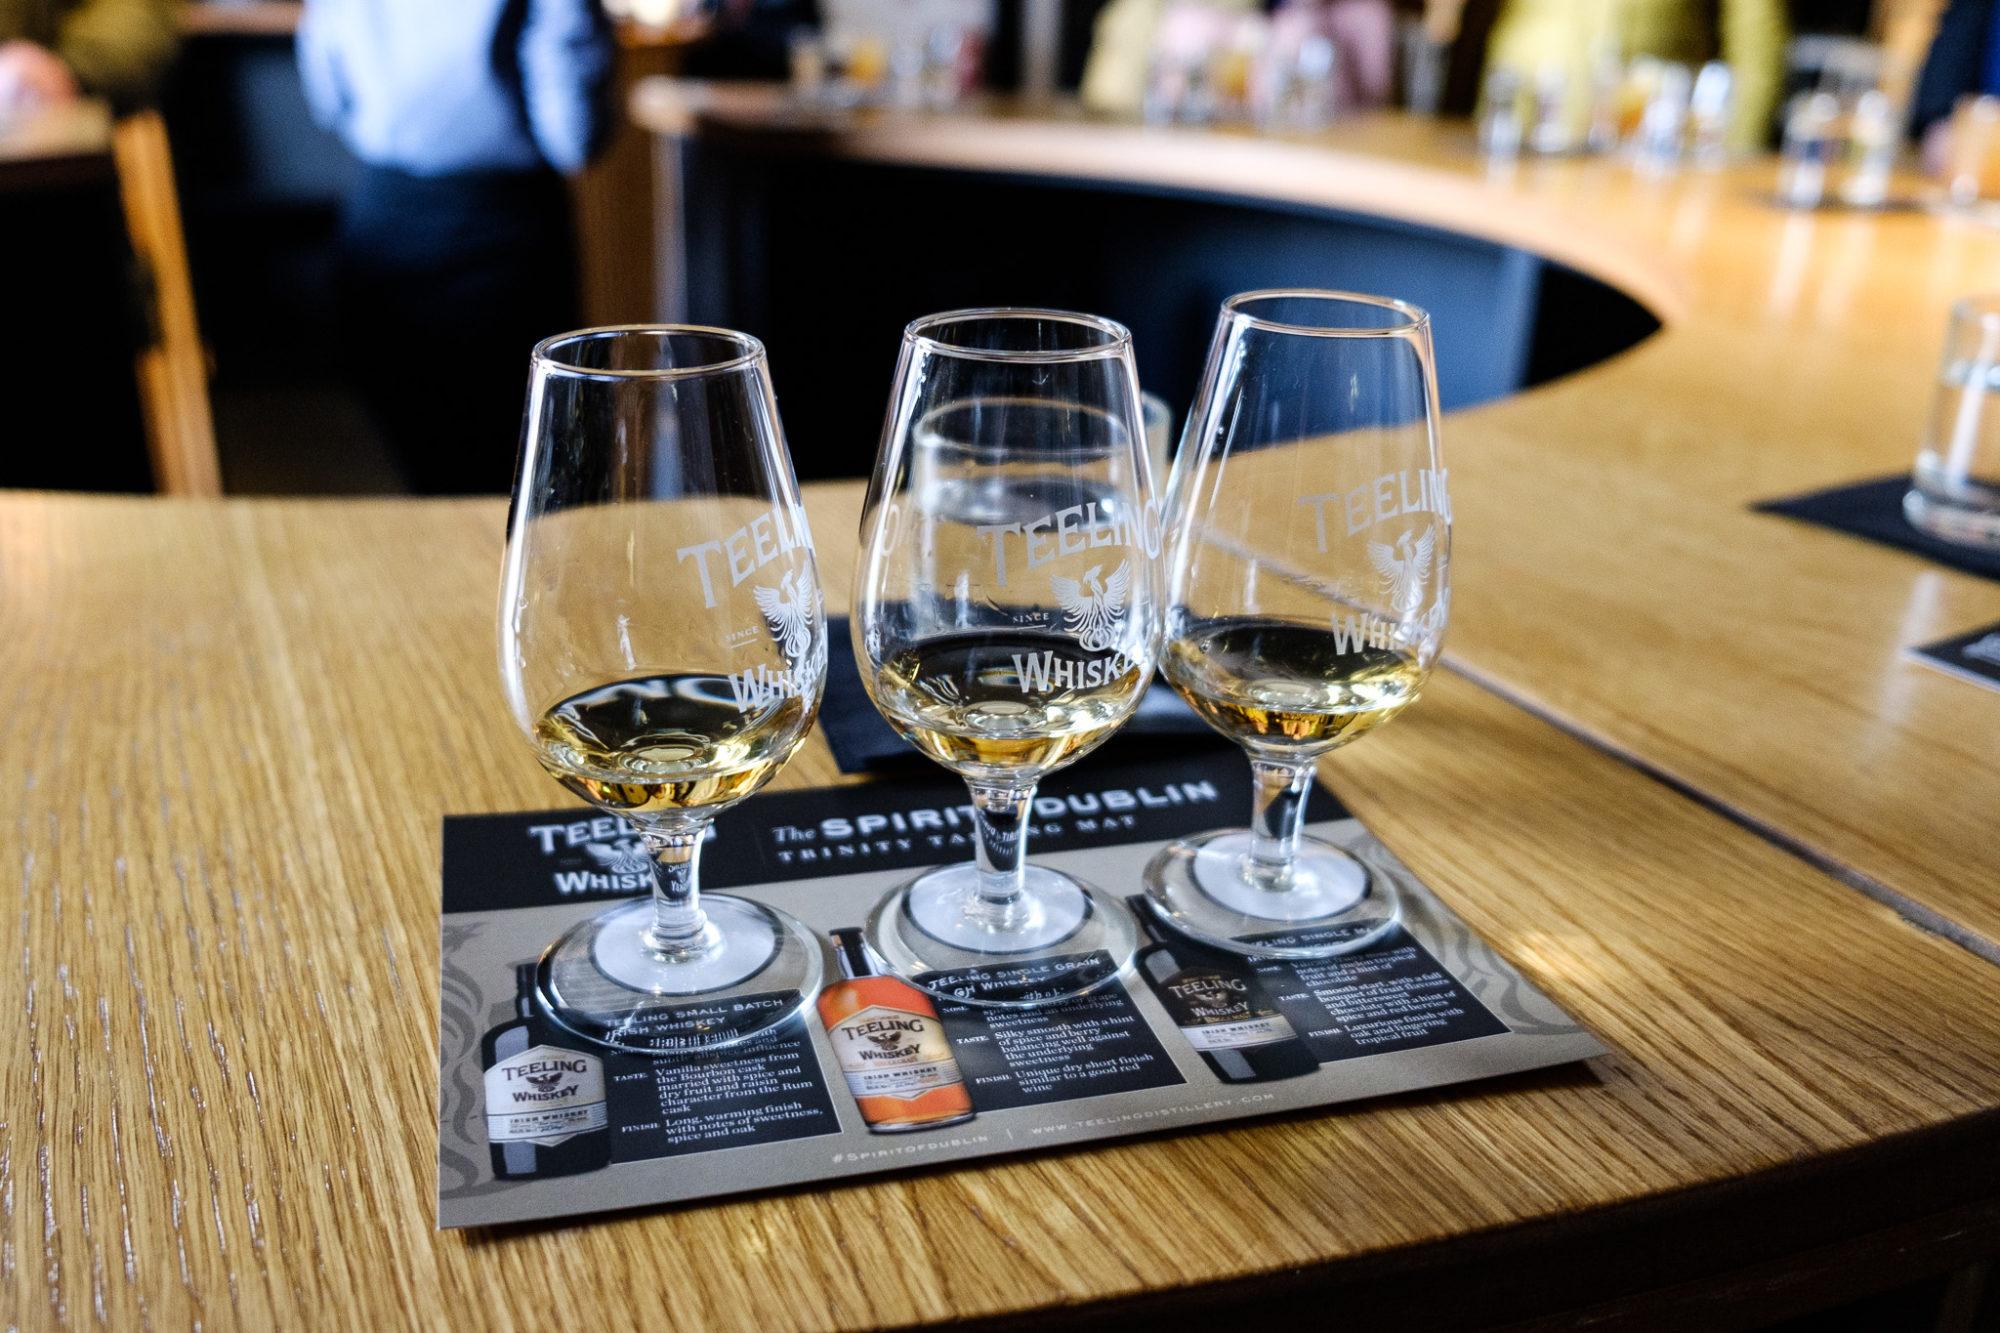 Teeling Whiskey, l'esprit de Dublin à visiter et à sentir